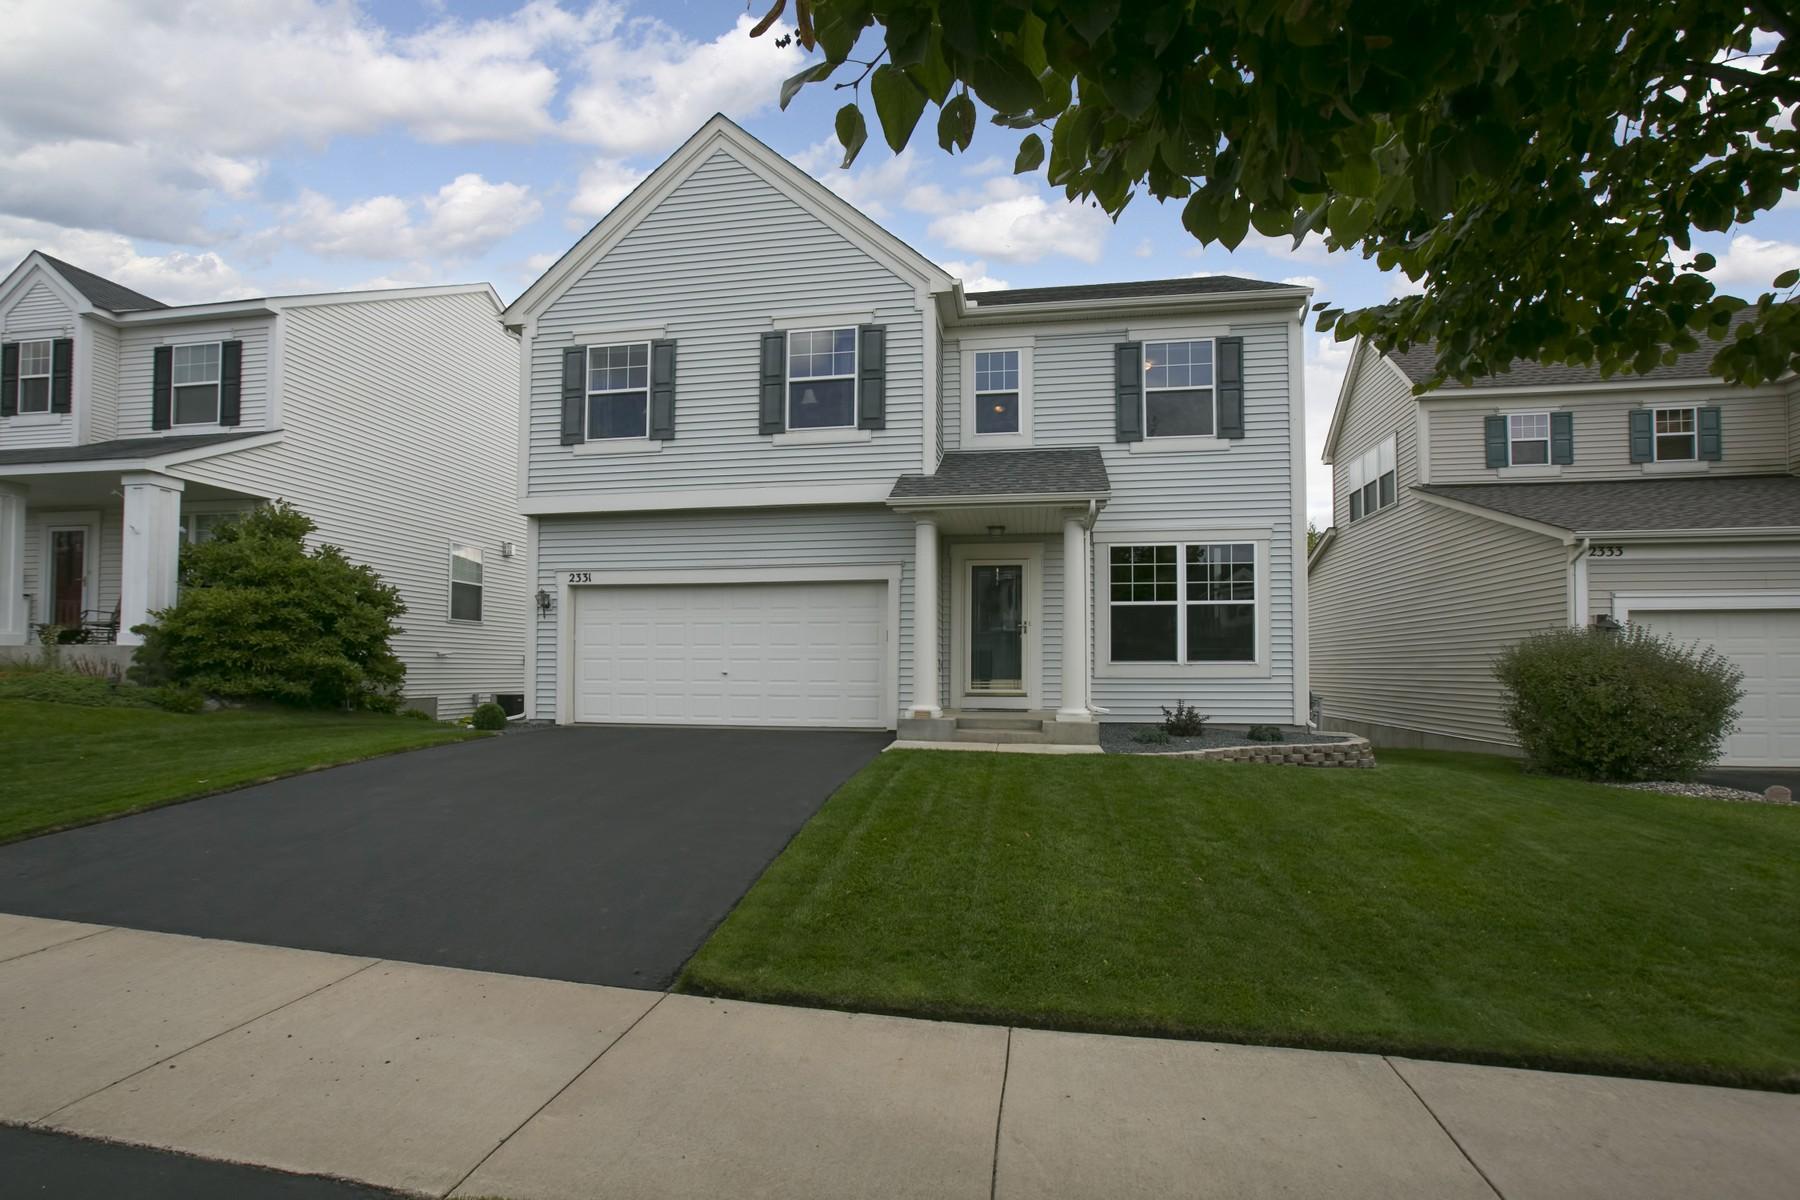 Maison unifamiliale pour l Vente à 2331 Gehl Street Chaska, Minnesota 55318 États-Unis